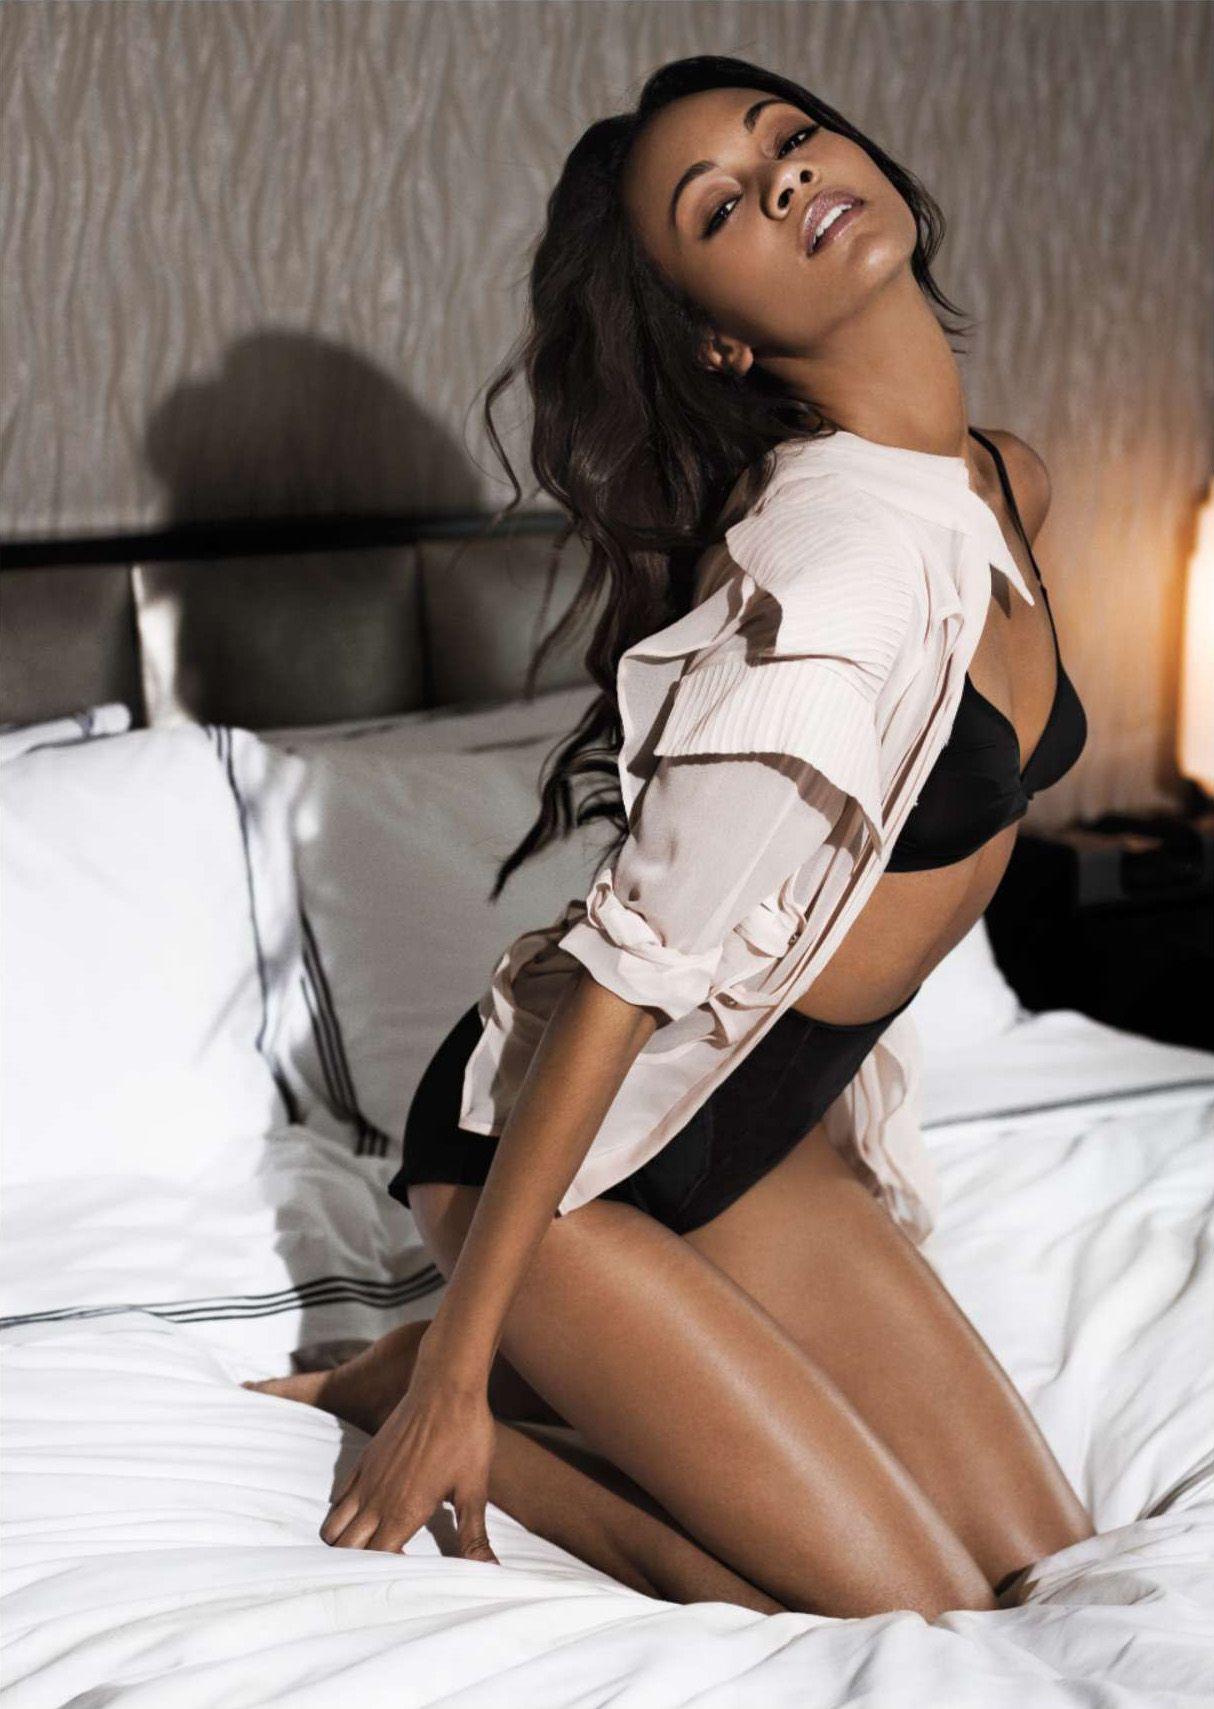 Maxim Hot 100 2010 - 3 Zoe Saldana